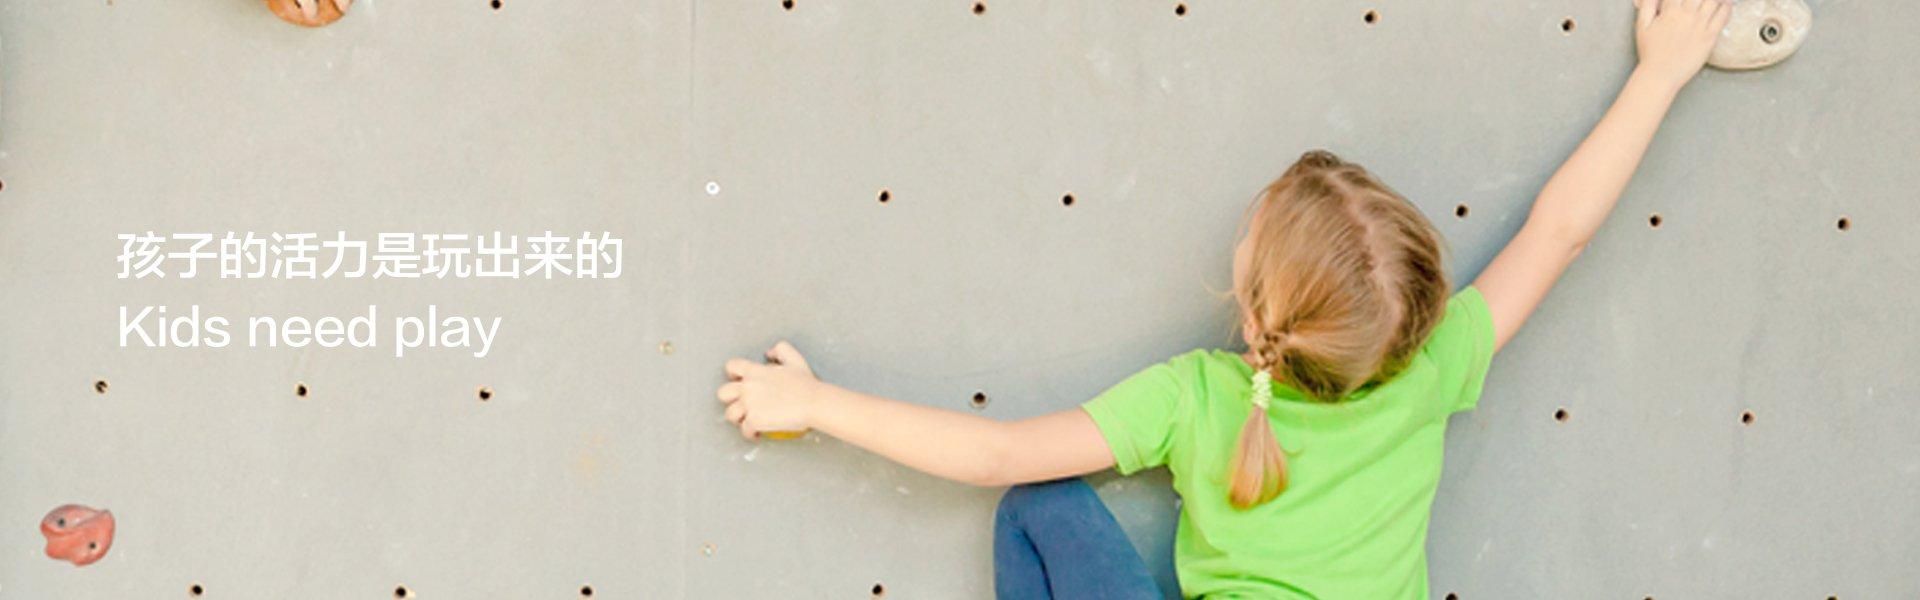 儿童室内攀岩墙